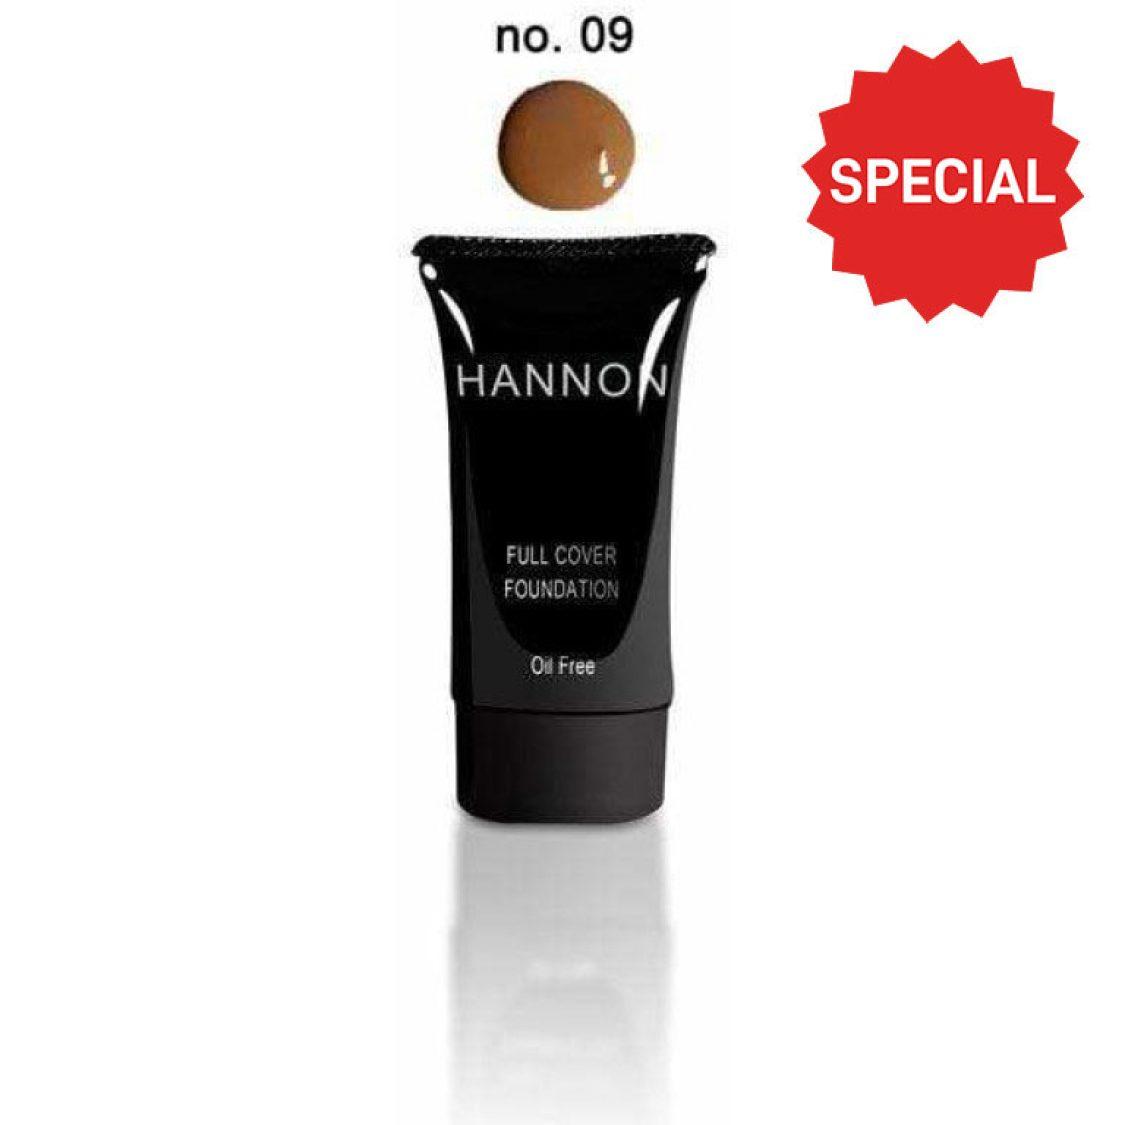 Hannon - Full Cover Liquid Foundation No.9